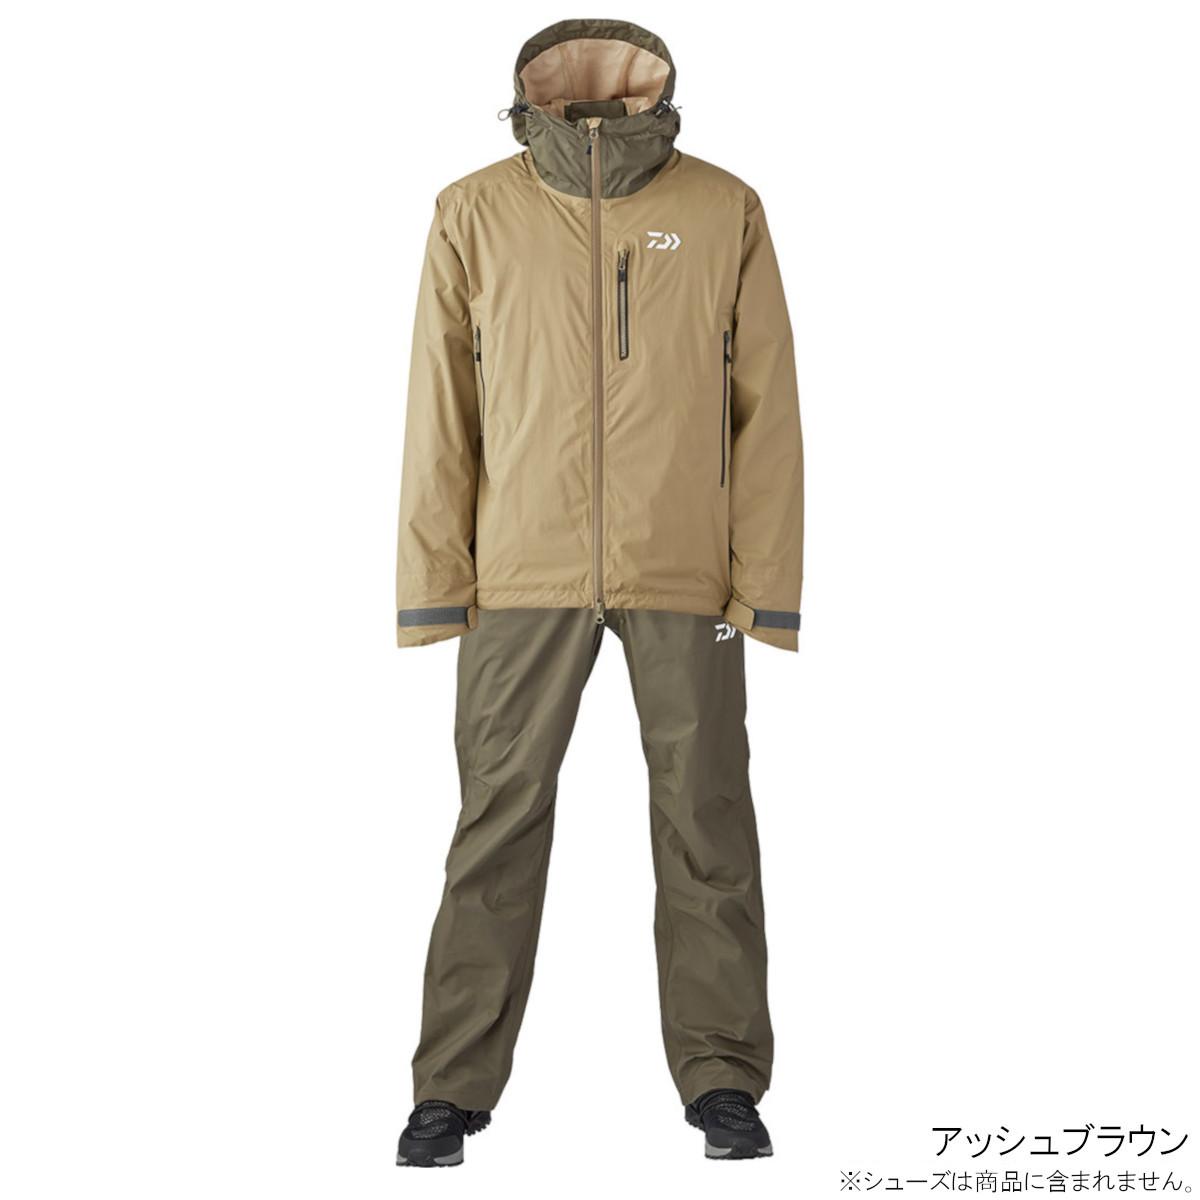 ダイワ レインマックス レインスーツ DR-33020 2XL アッシュブラウン(東日本店)